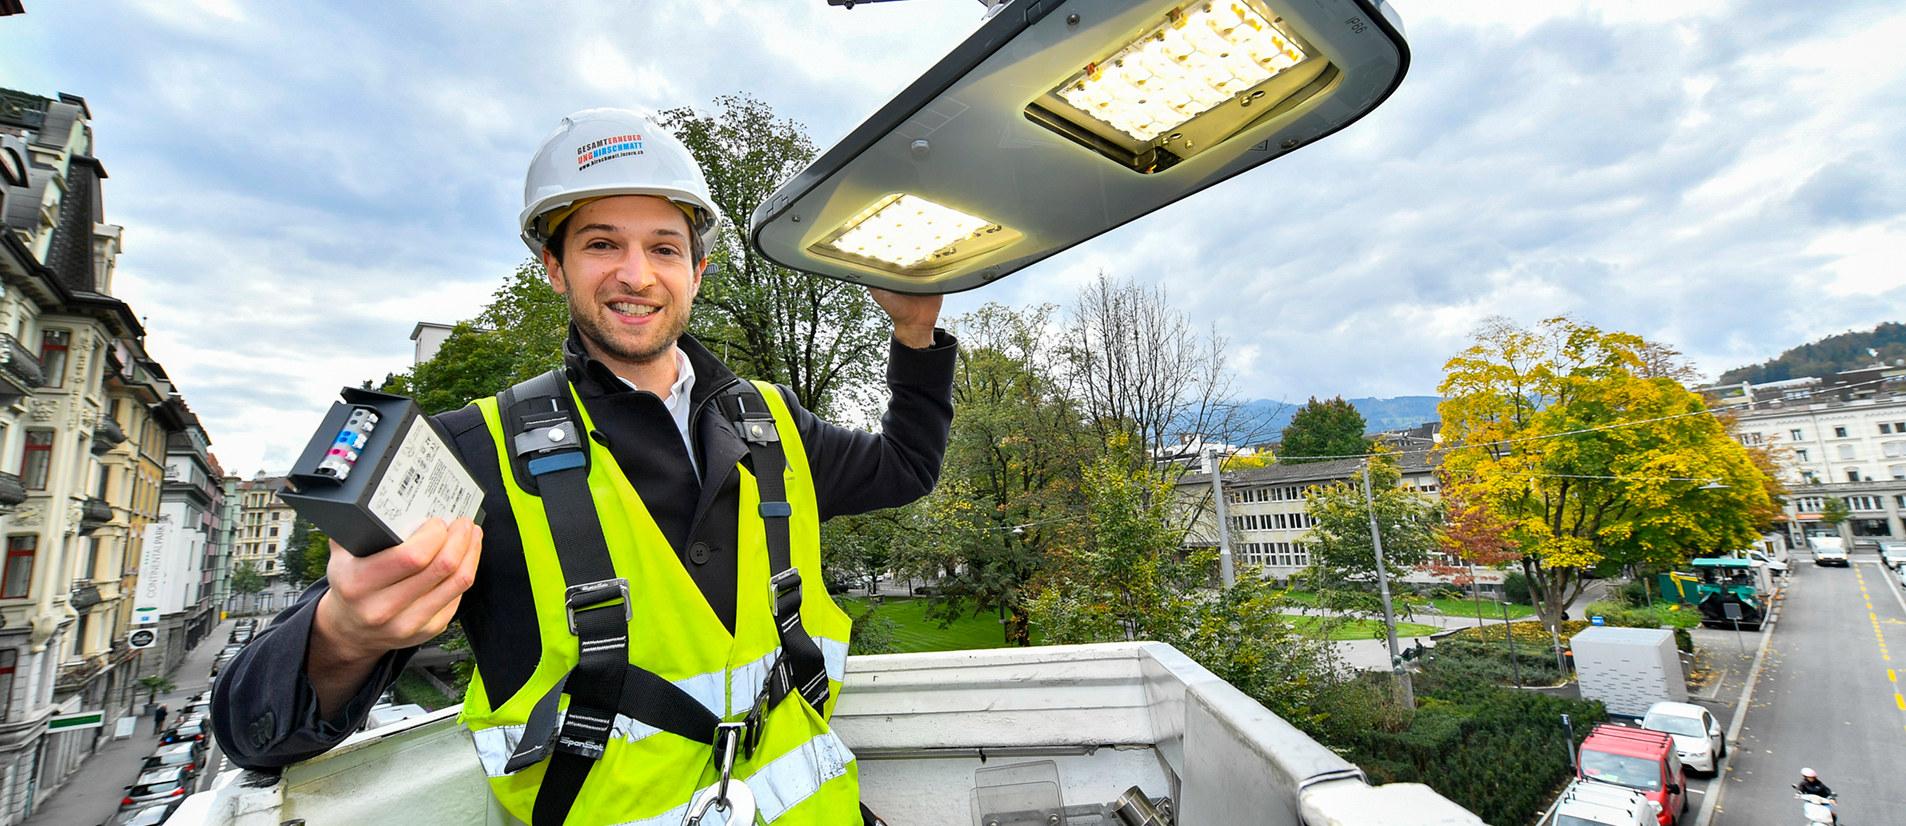 LED-Leuchten f?r das Hirschmattquartier